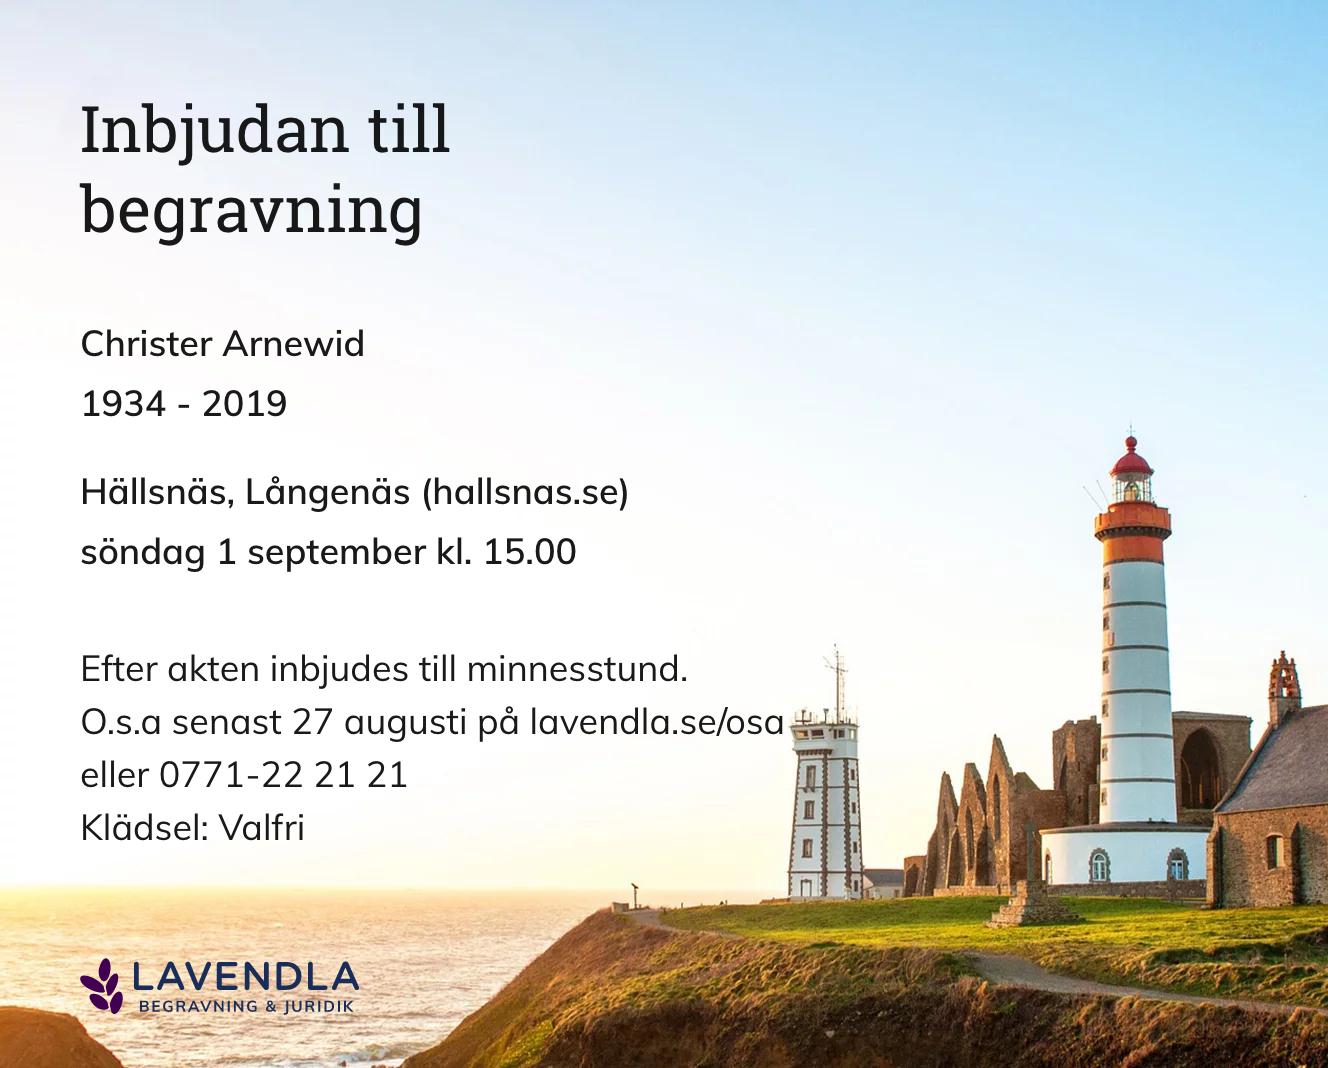 Inbjudningskort till ceremonin för Christer Arnewid